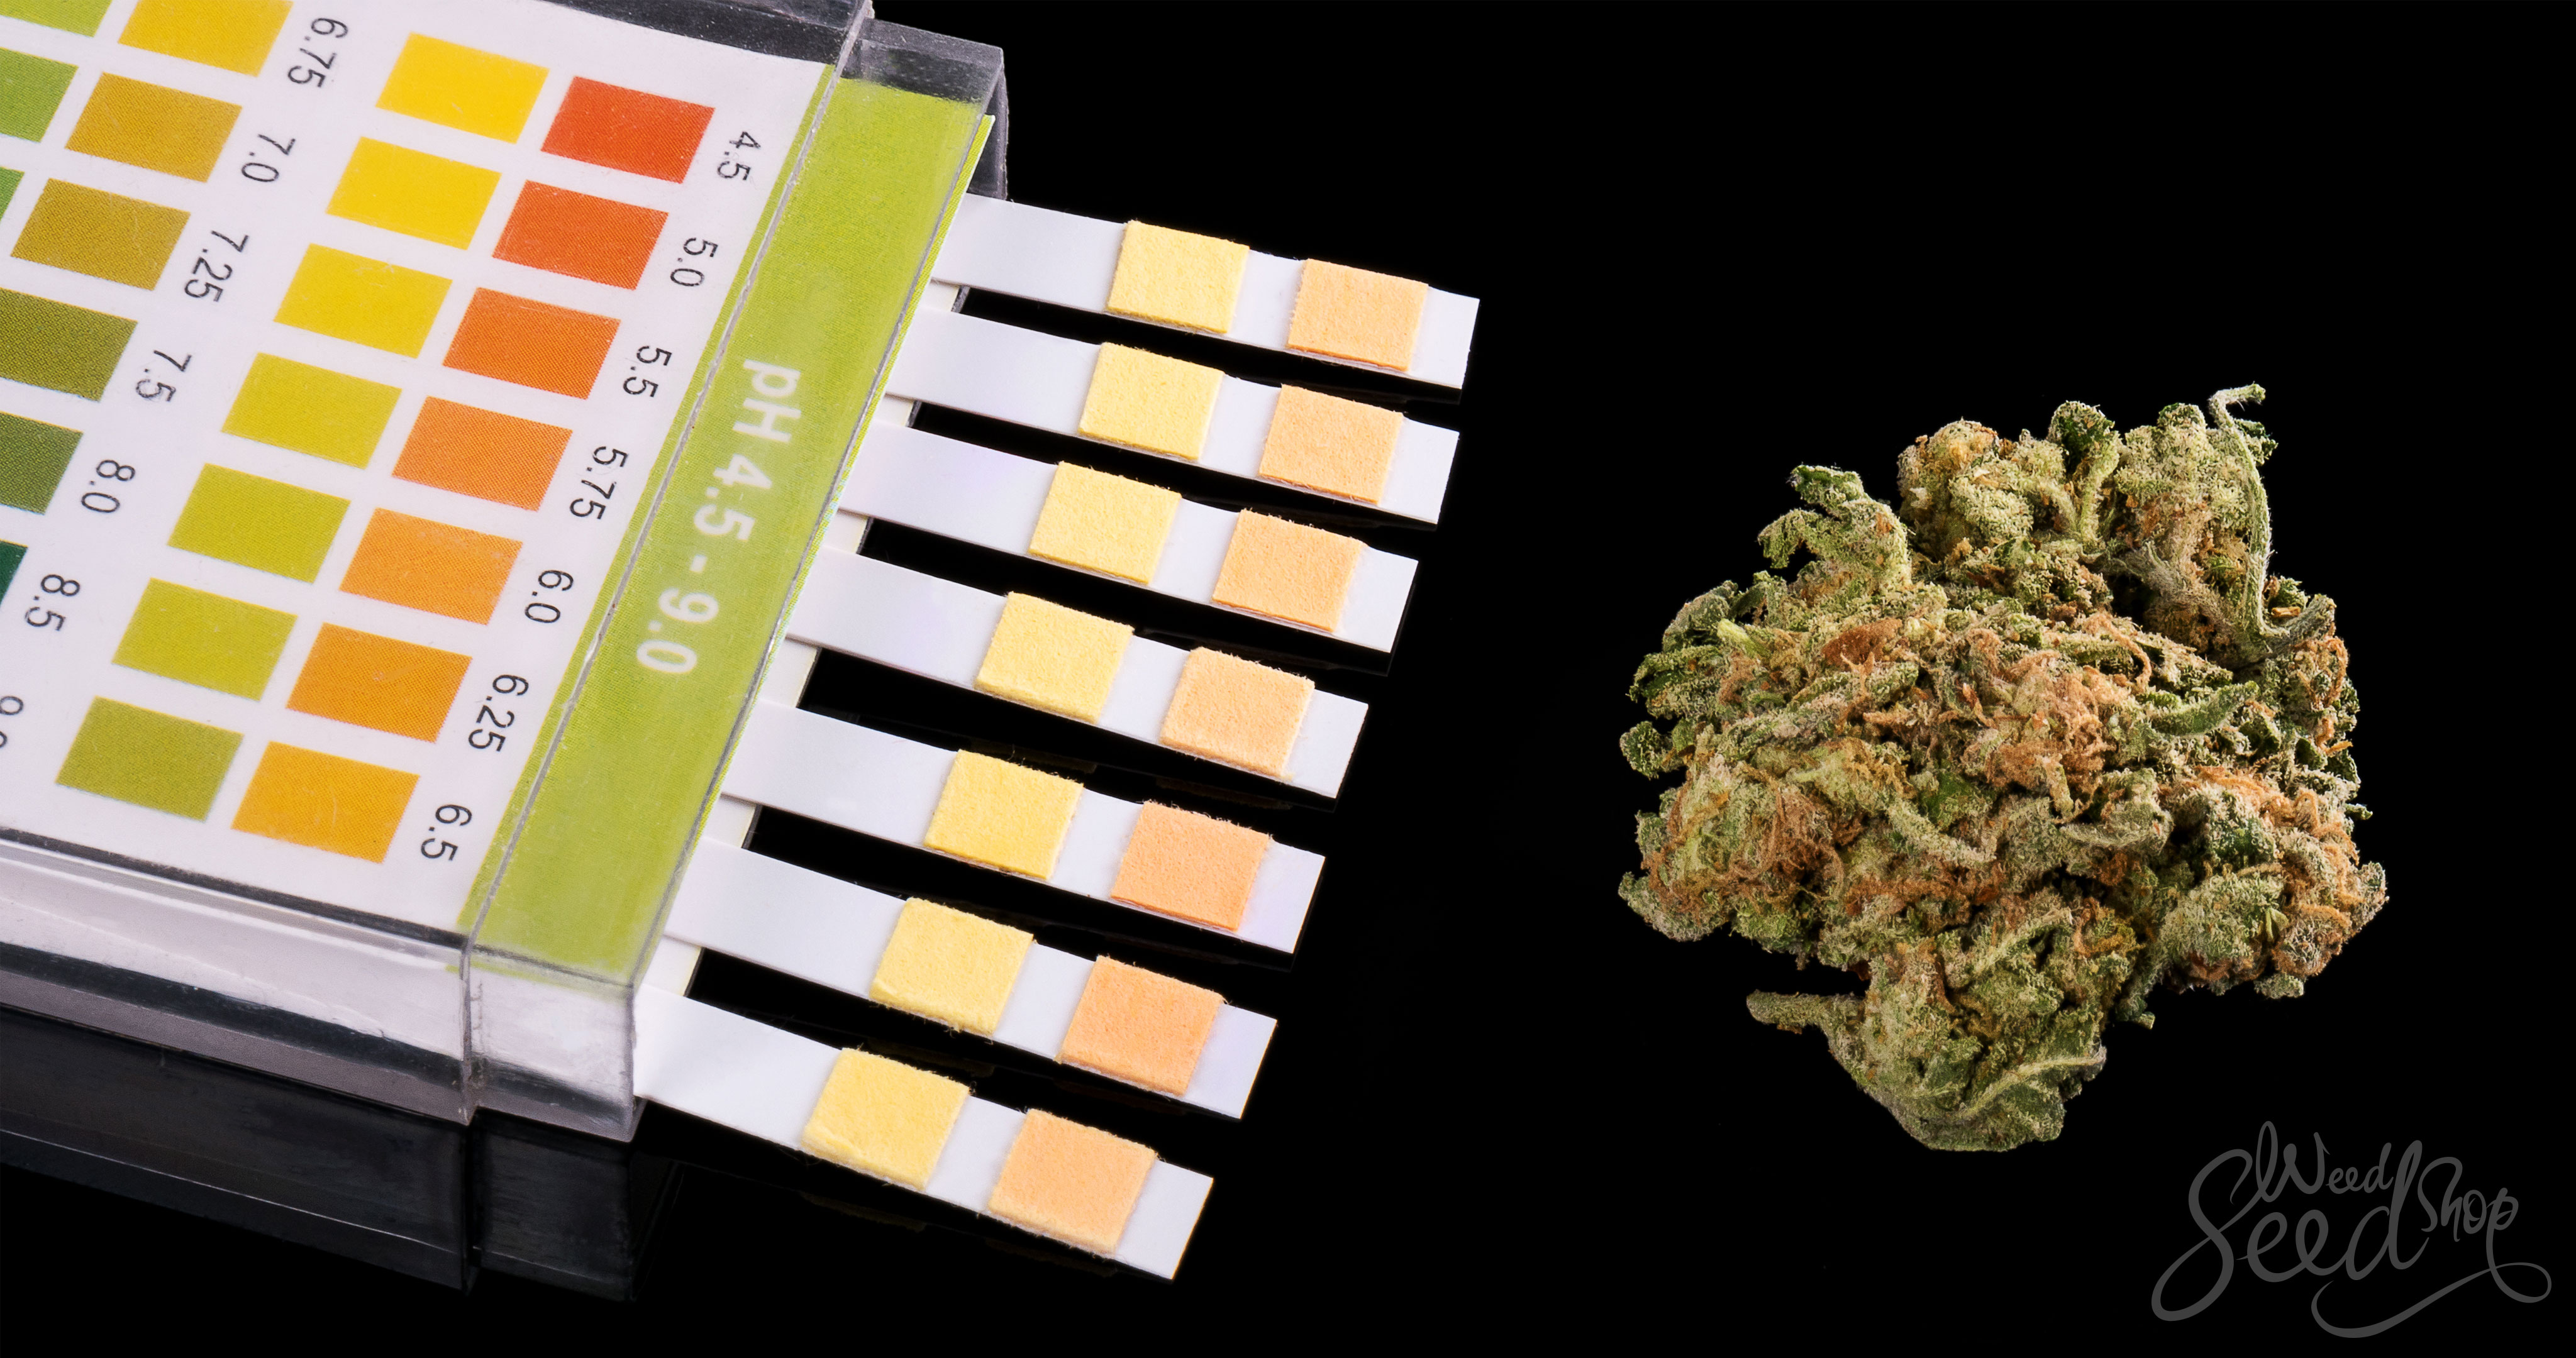 Hoe slaag je voor een drugstest voor wiet - WeedSeedShop